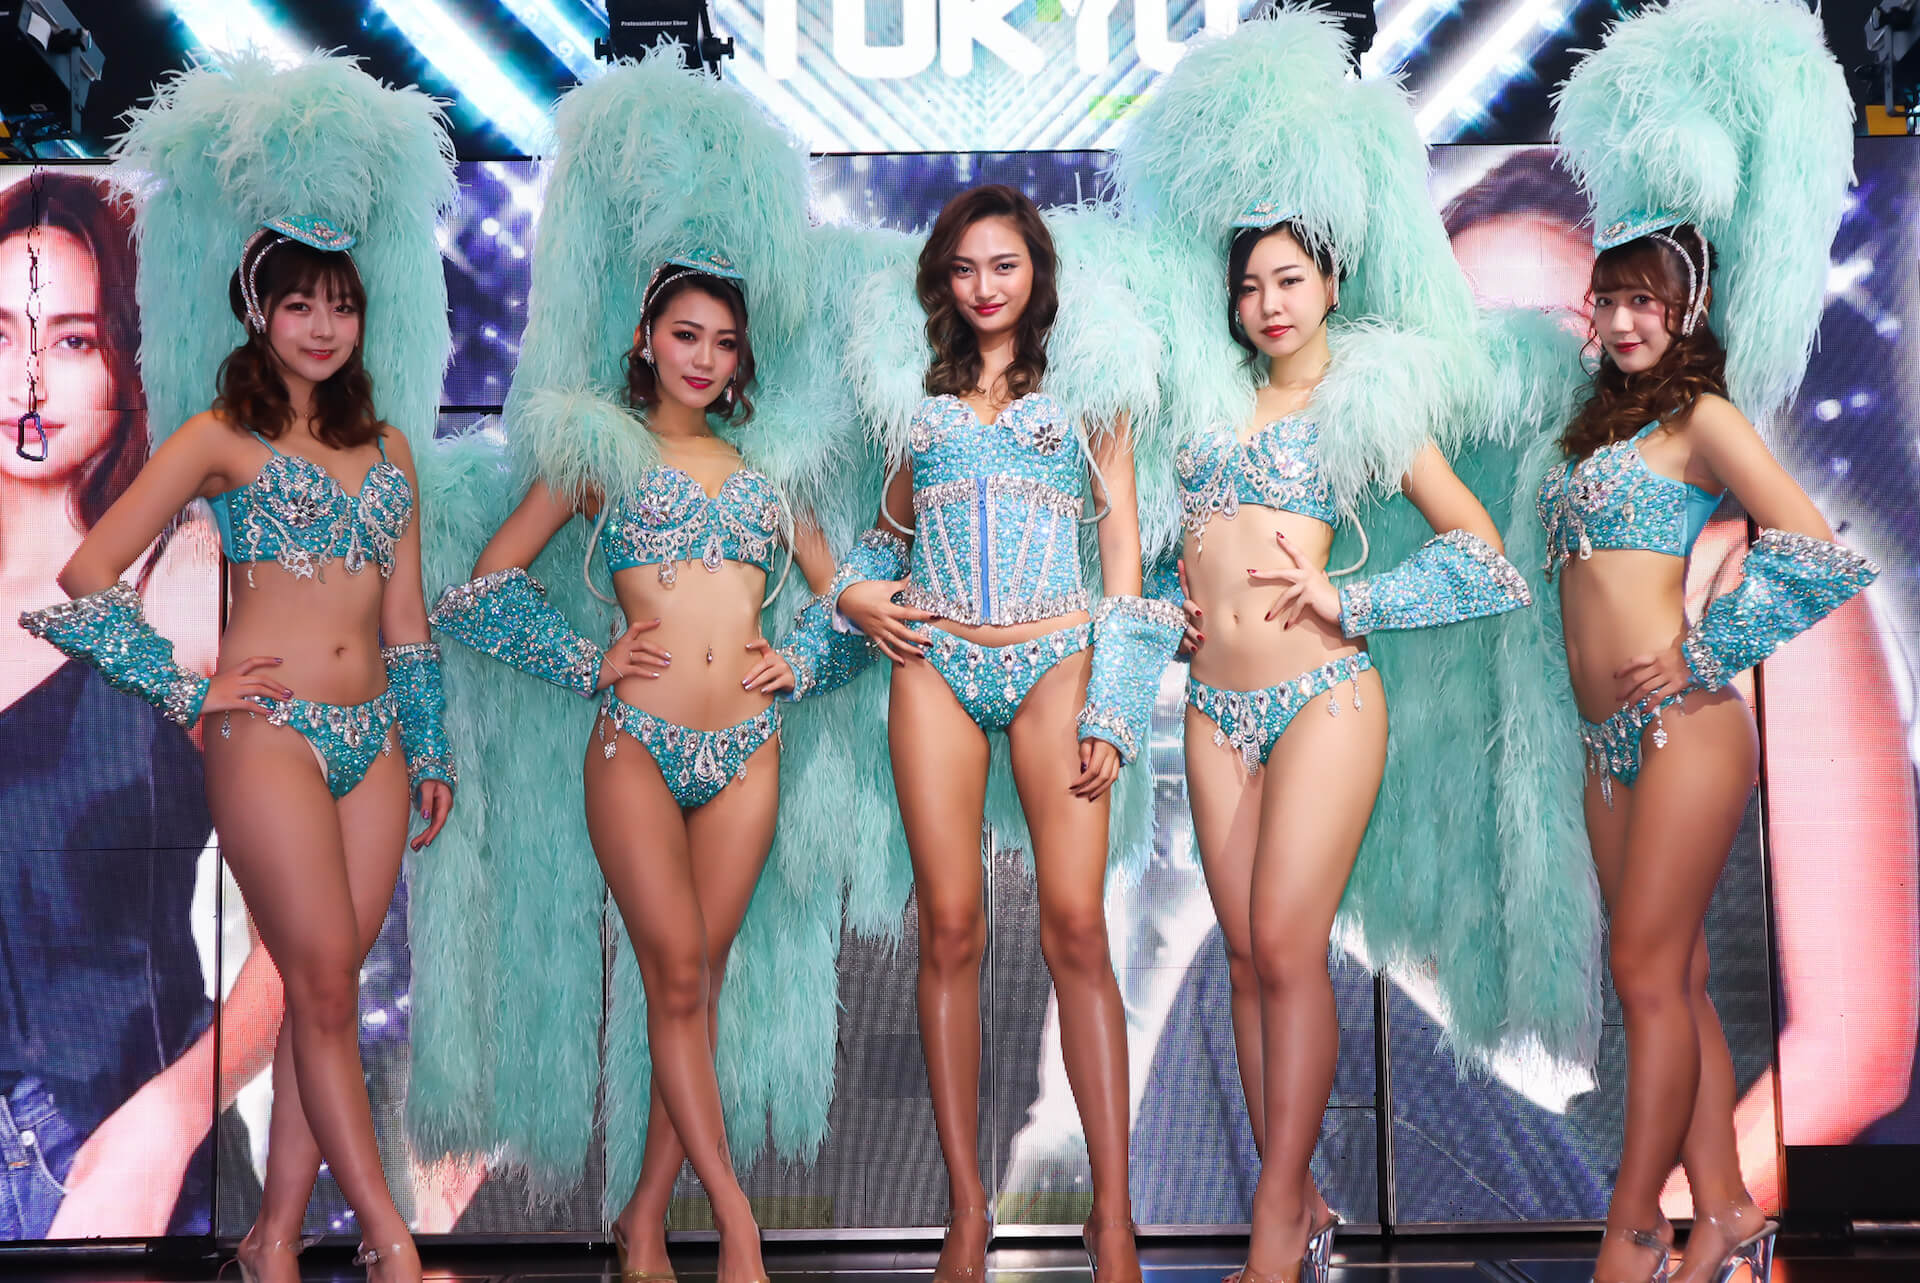 10頭身モデル・香川沙耶がバーレスクショーで美スタイルを惜しげなく披露! art191209_kagawasaya_13